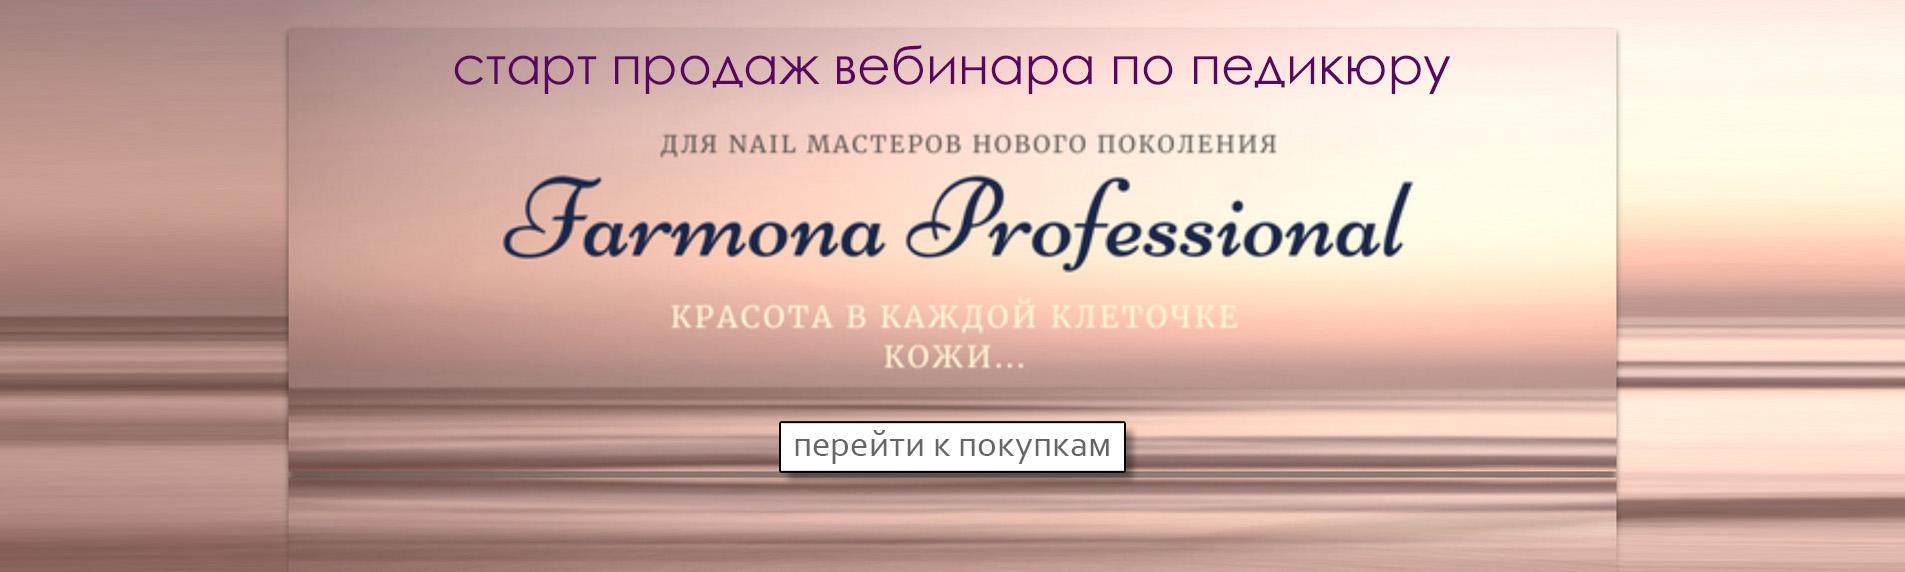 Farmona Professional 01